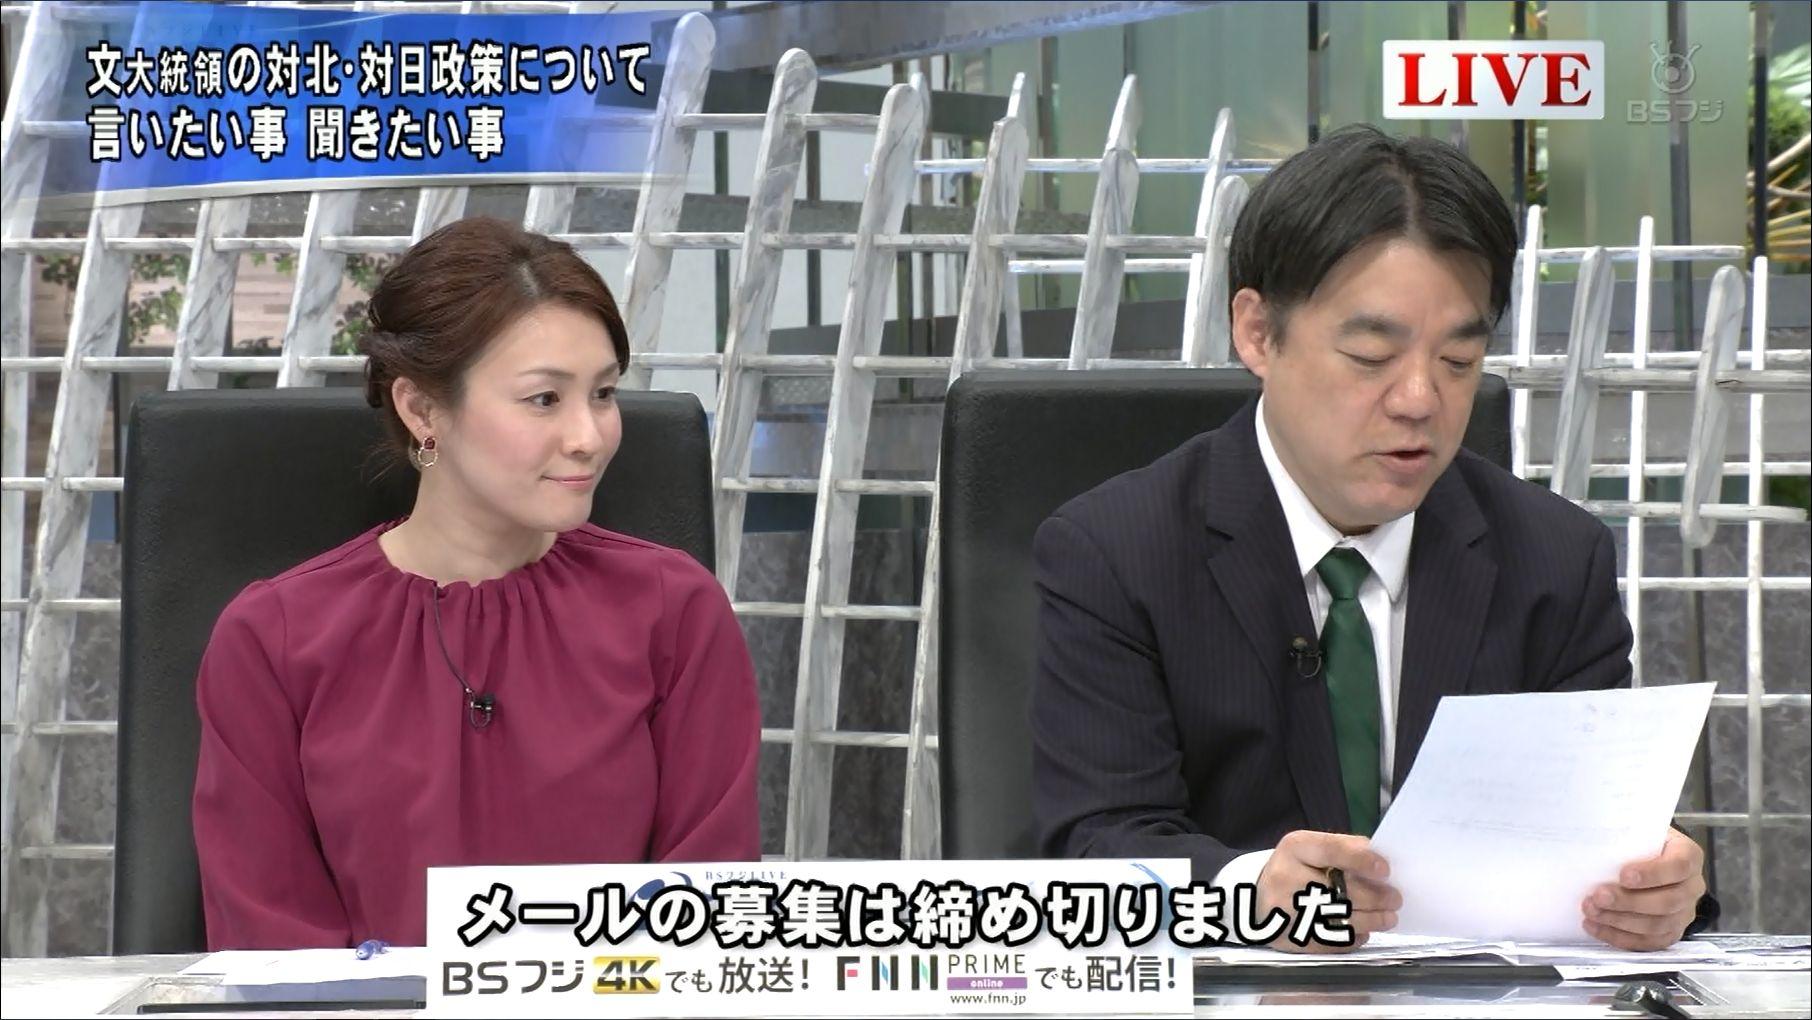 舞子 斉藤